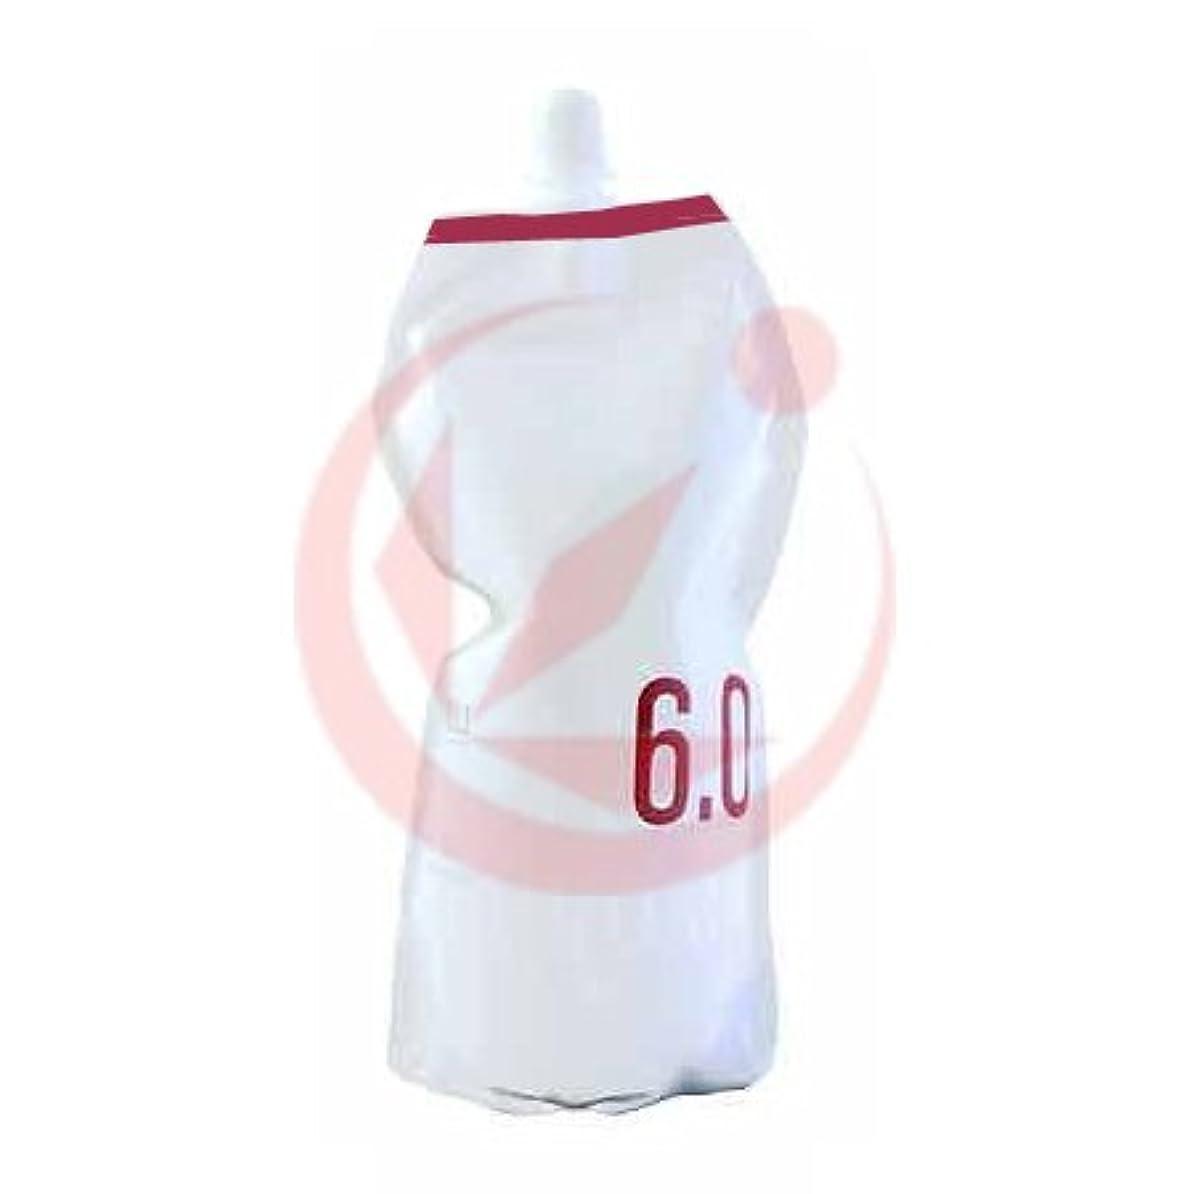 逆さまに旅起きるナンバースリー プロアクション リクロマ オキシ(OX) 1200ml(2剤) 6.0%*